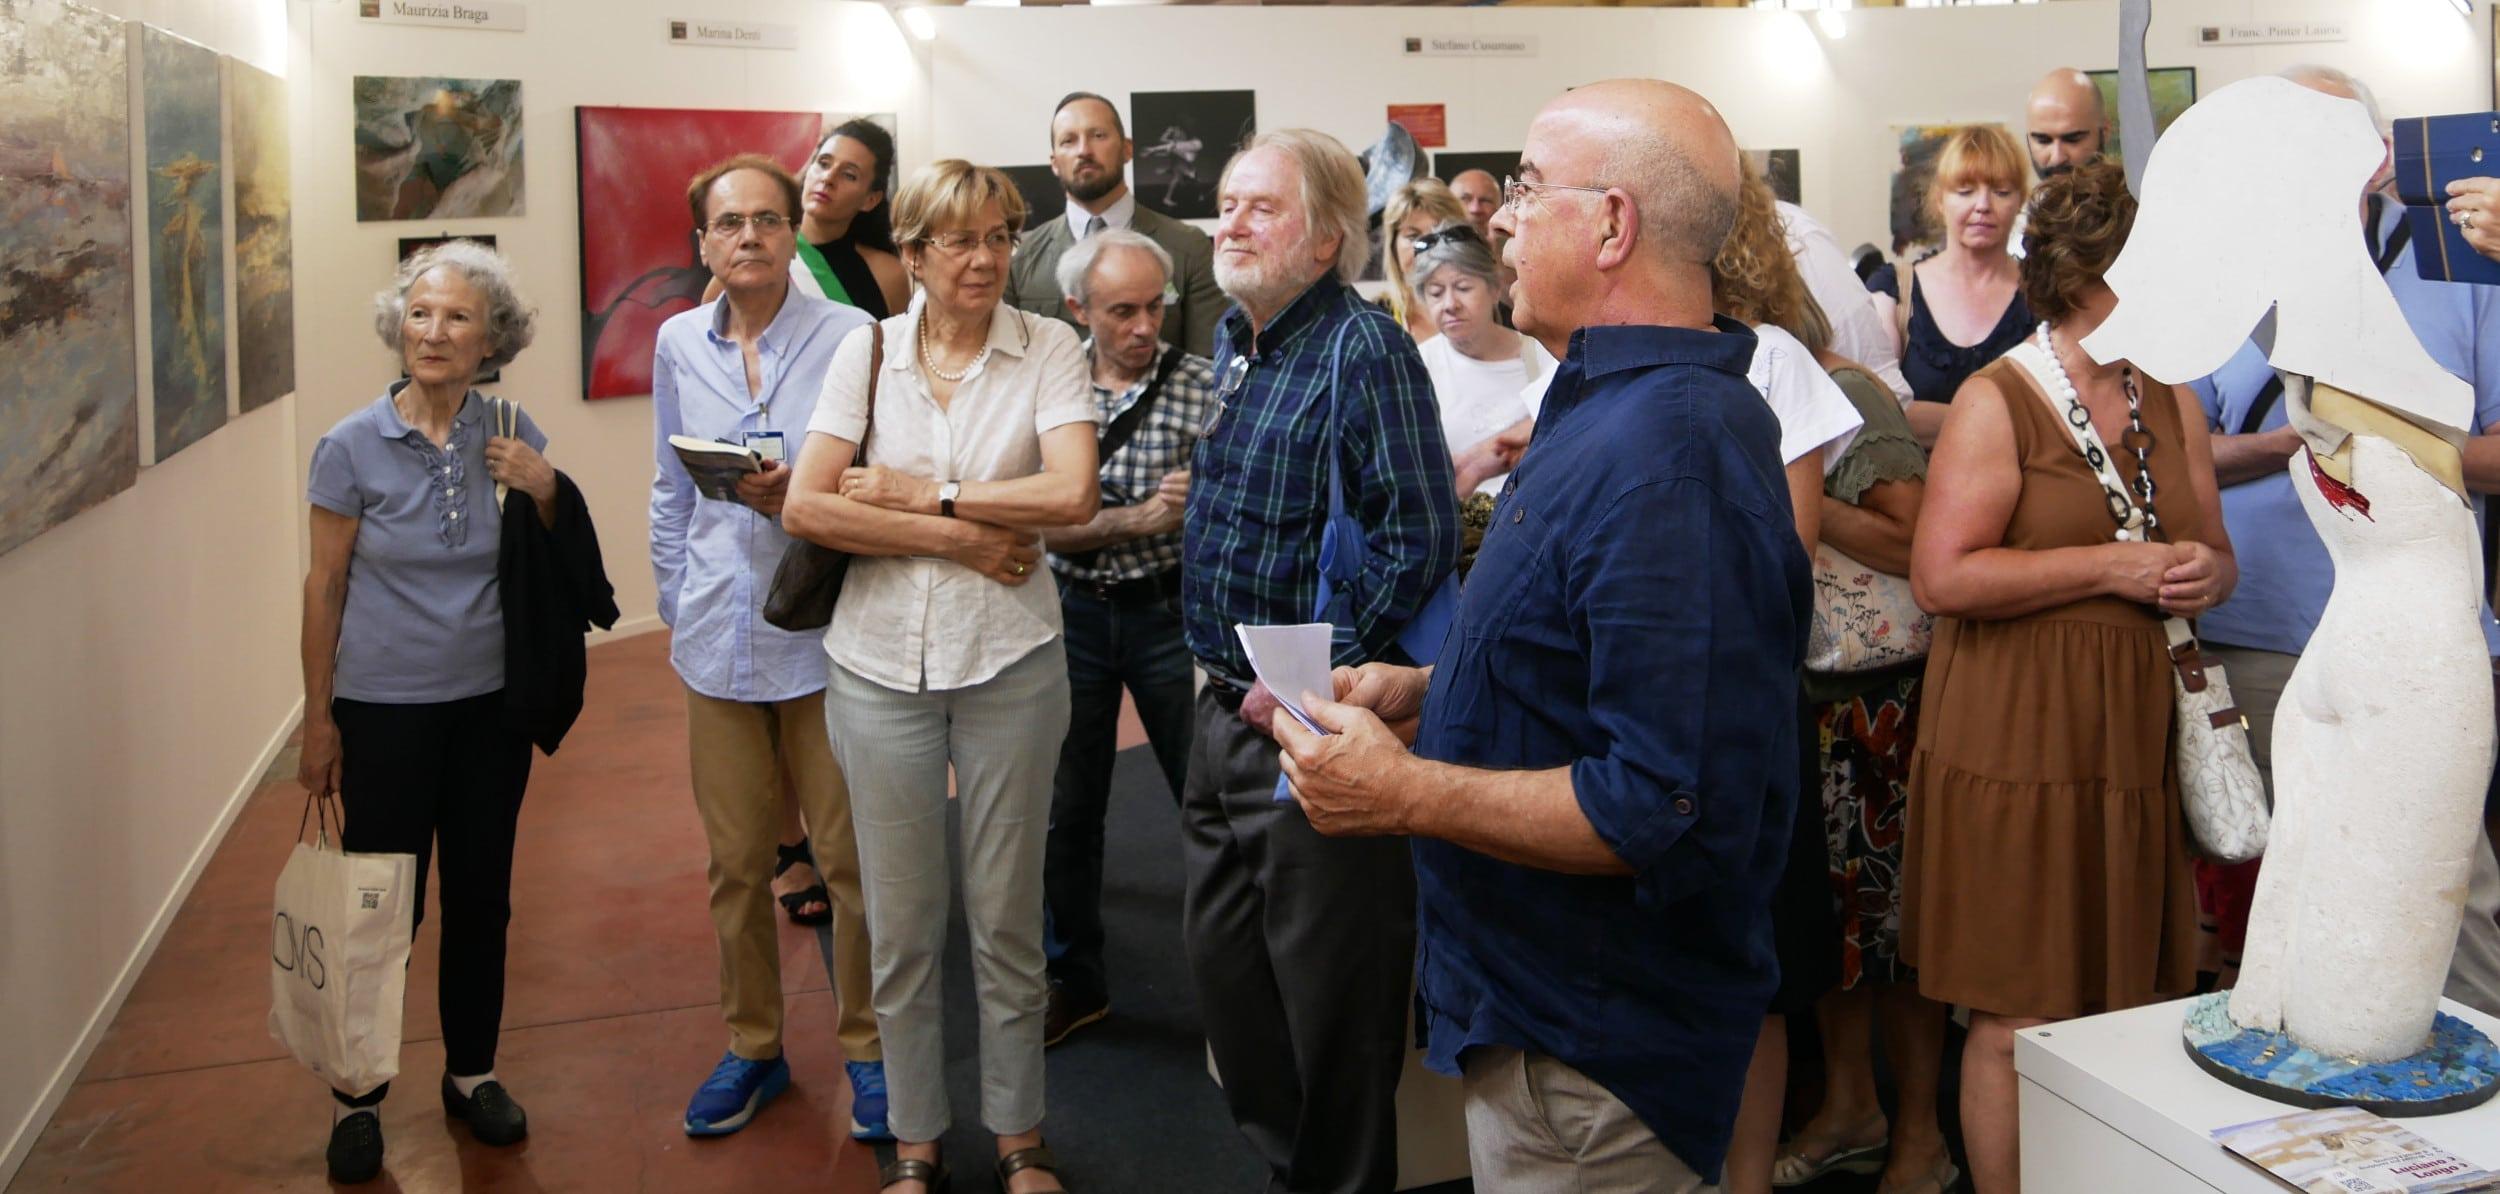 Franco Fonzo e gli artisti introducono le opere al pubblico